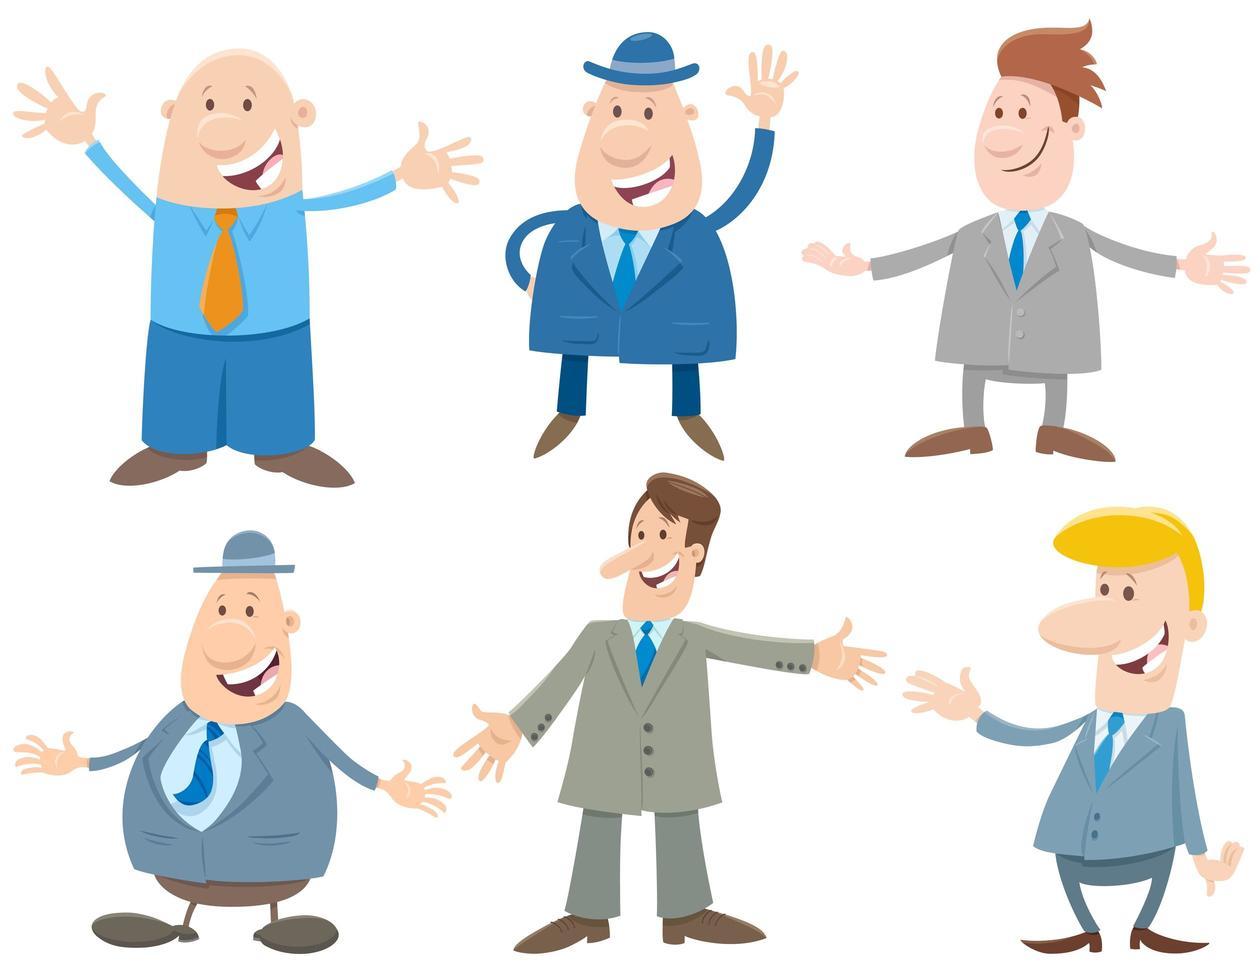 hommes daffaires ou hommes jeu de personnages de dessins animés vecteur